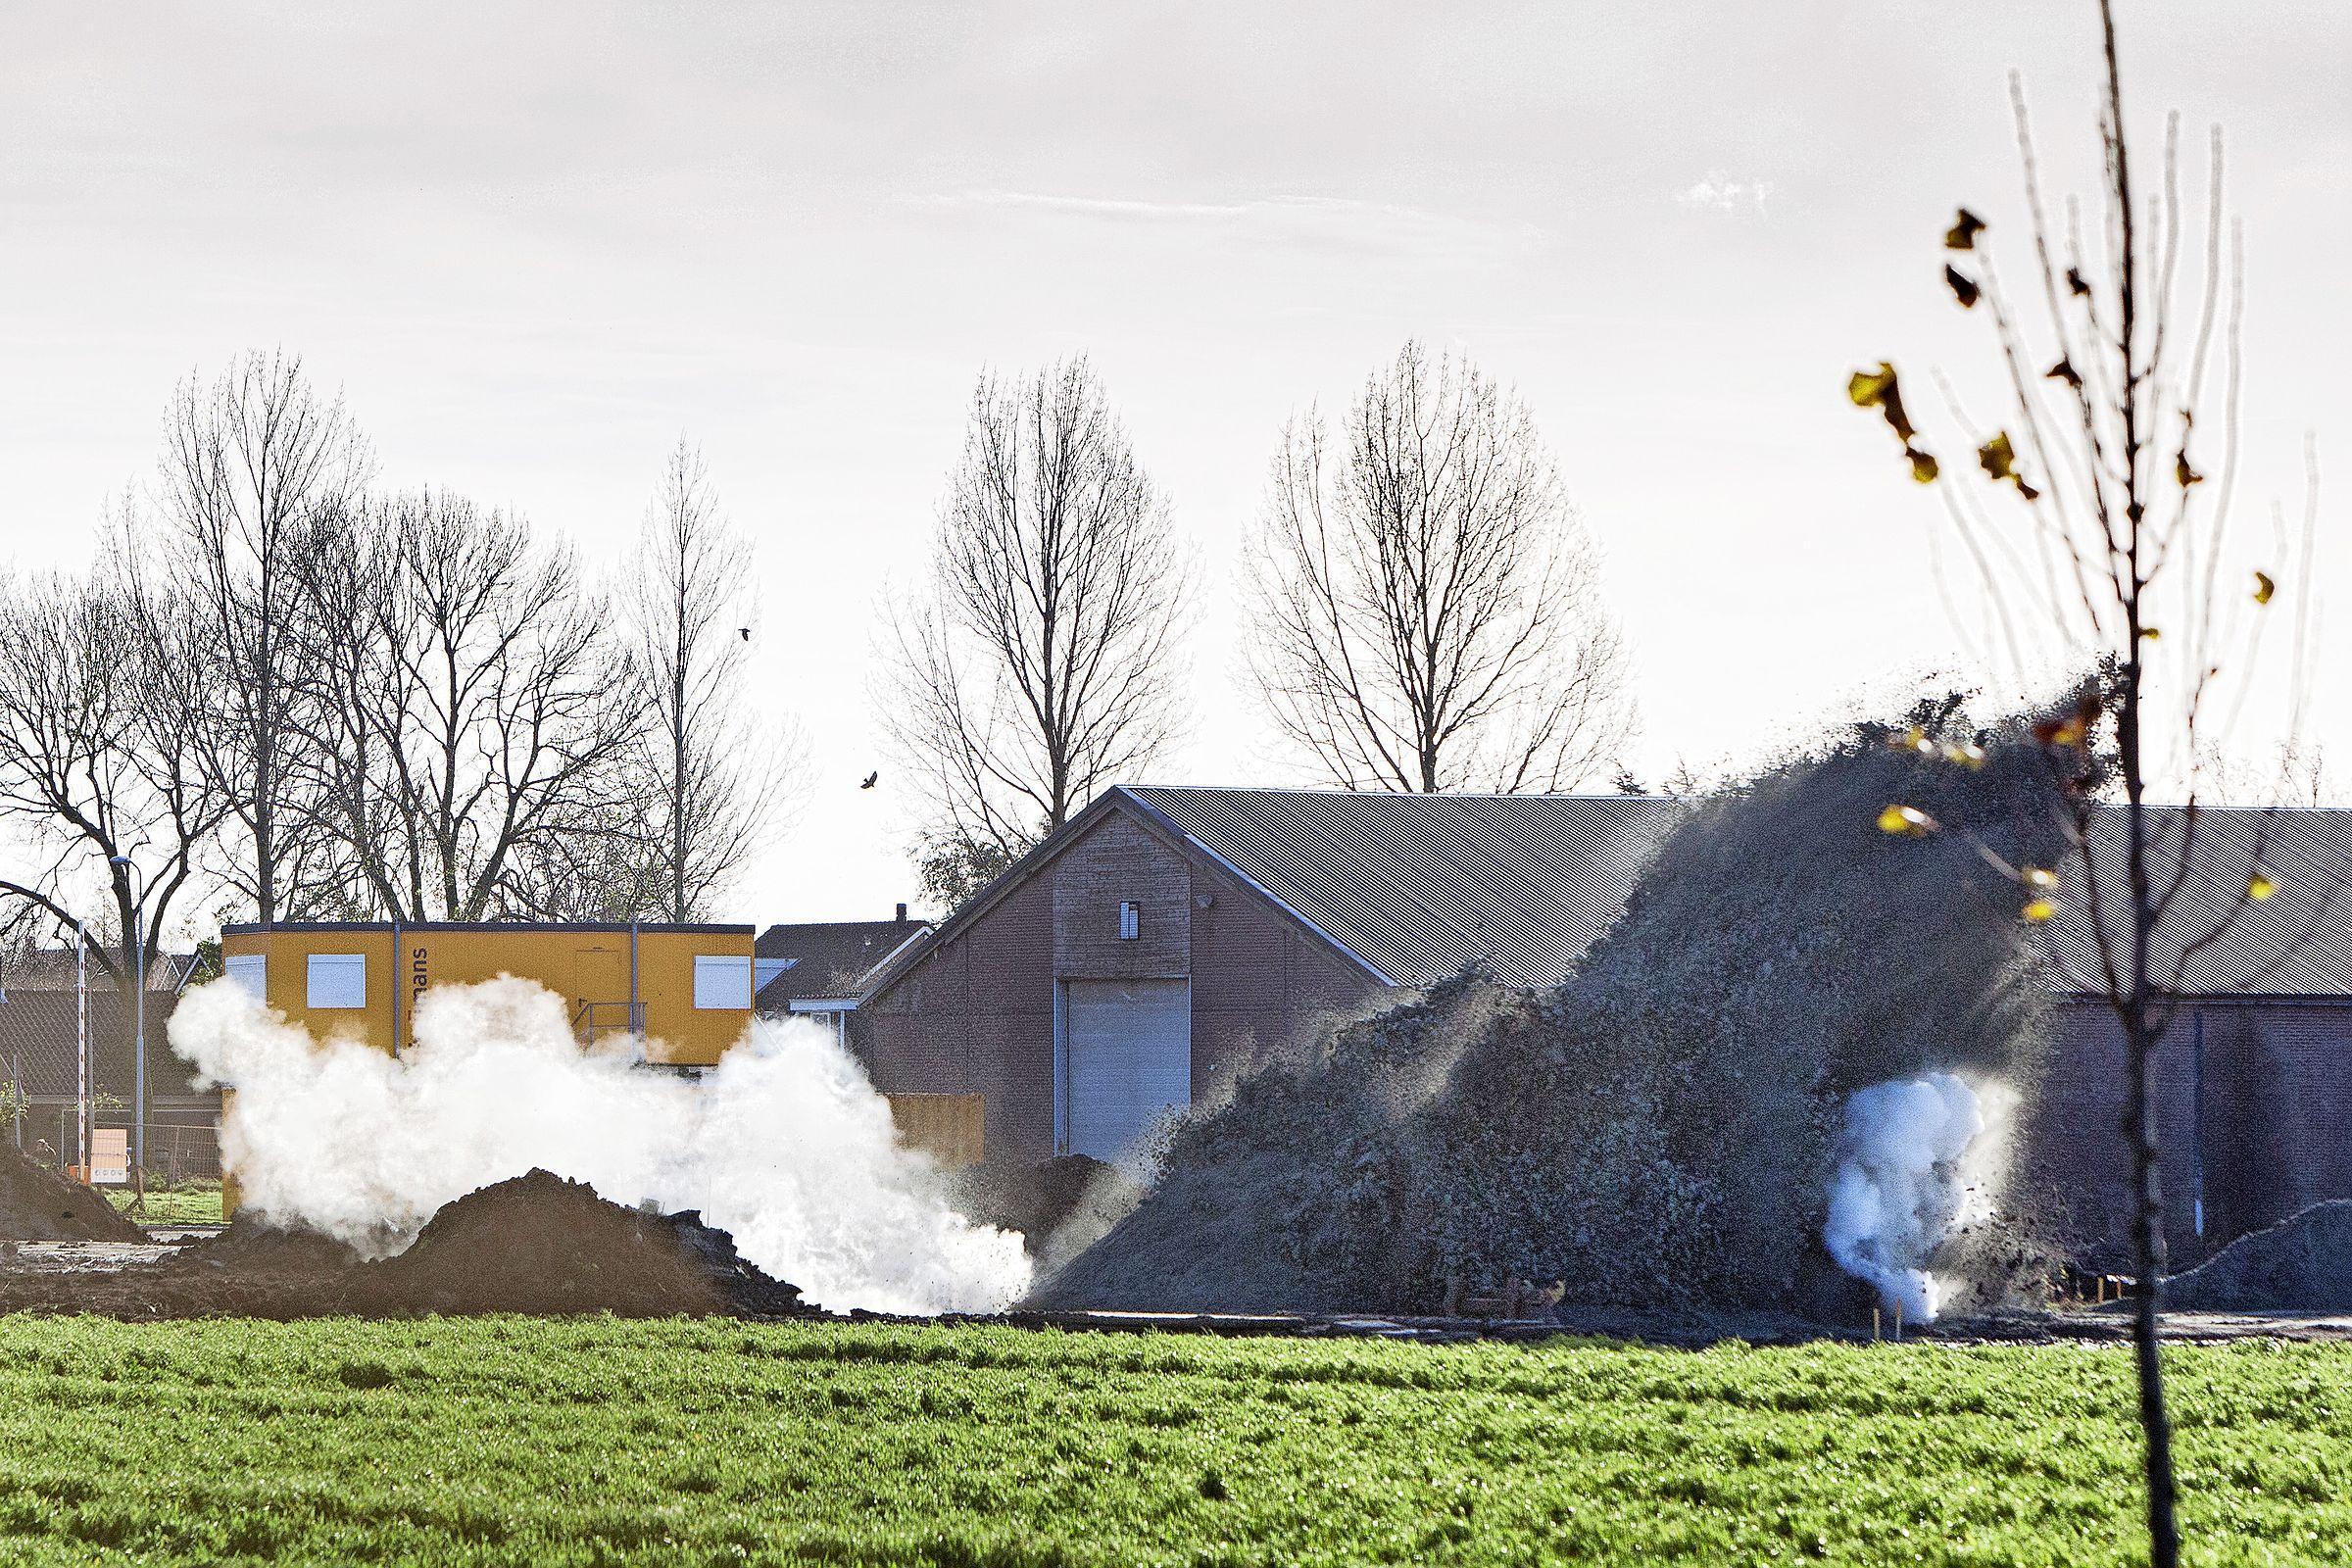 Bommen ruimen kost Haarlemmermeer 2,8 miljoen euro